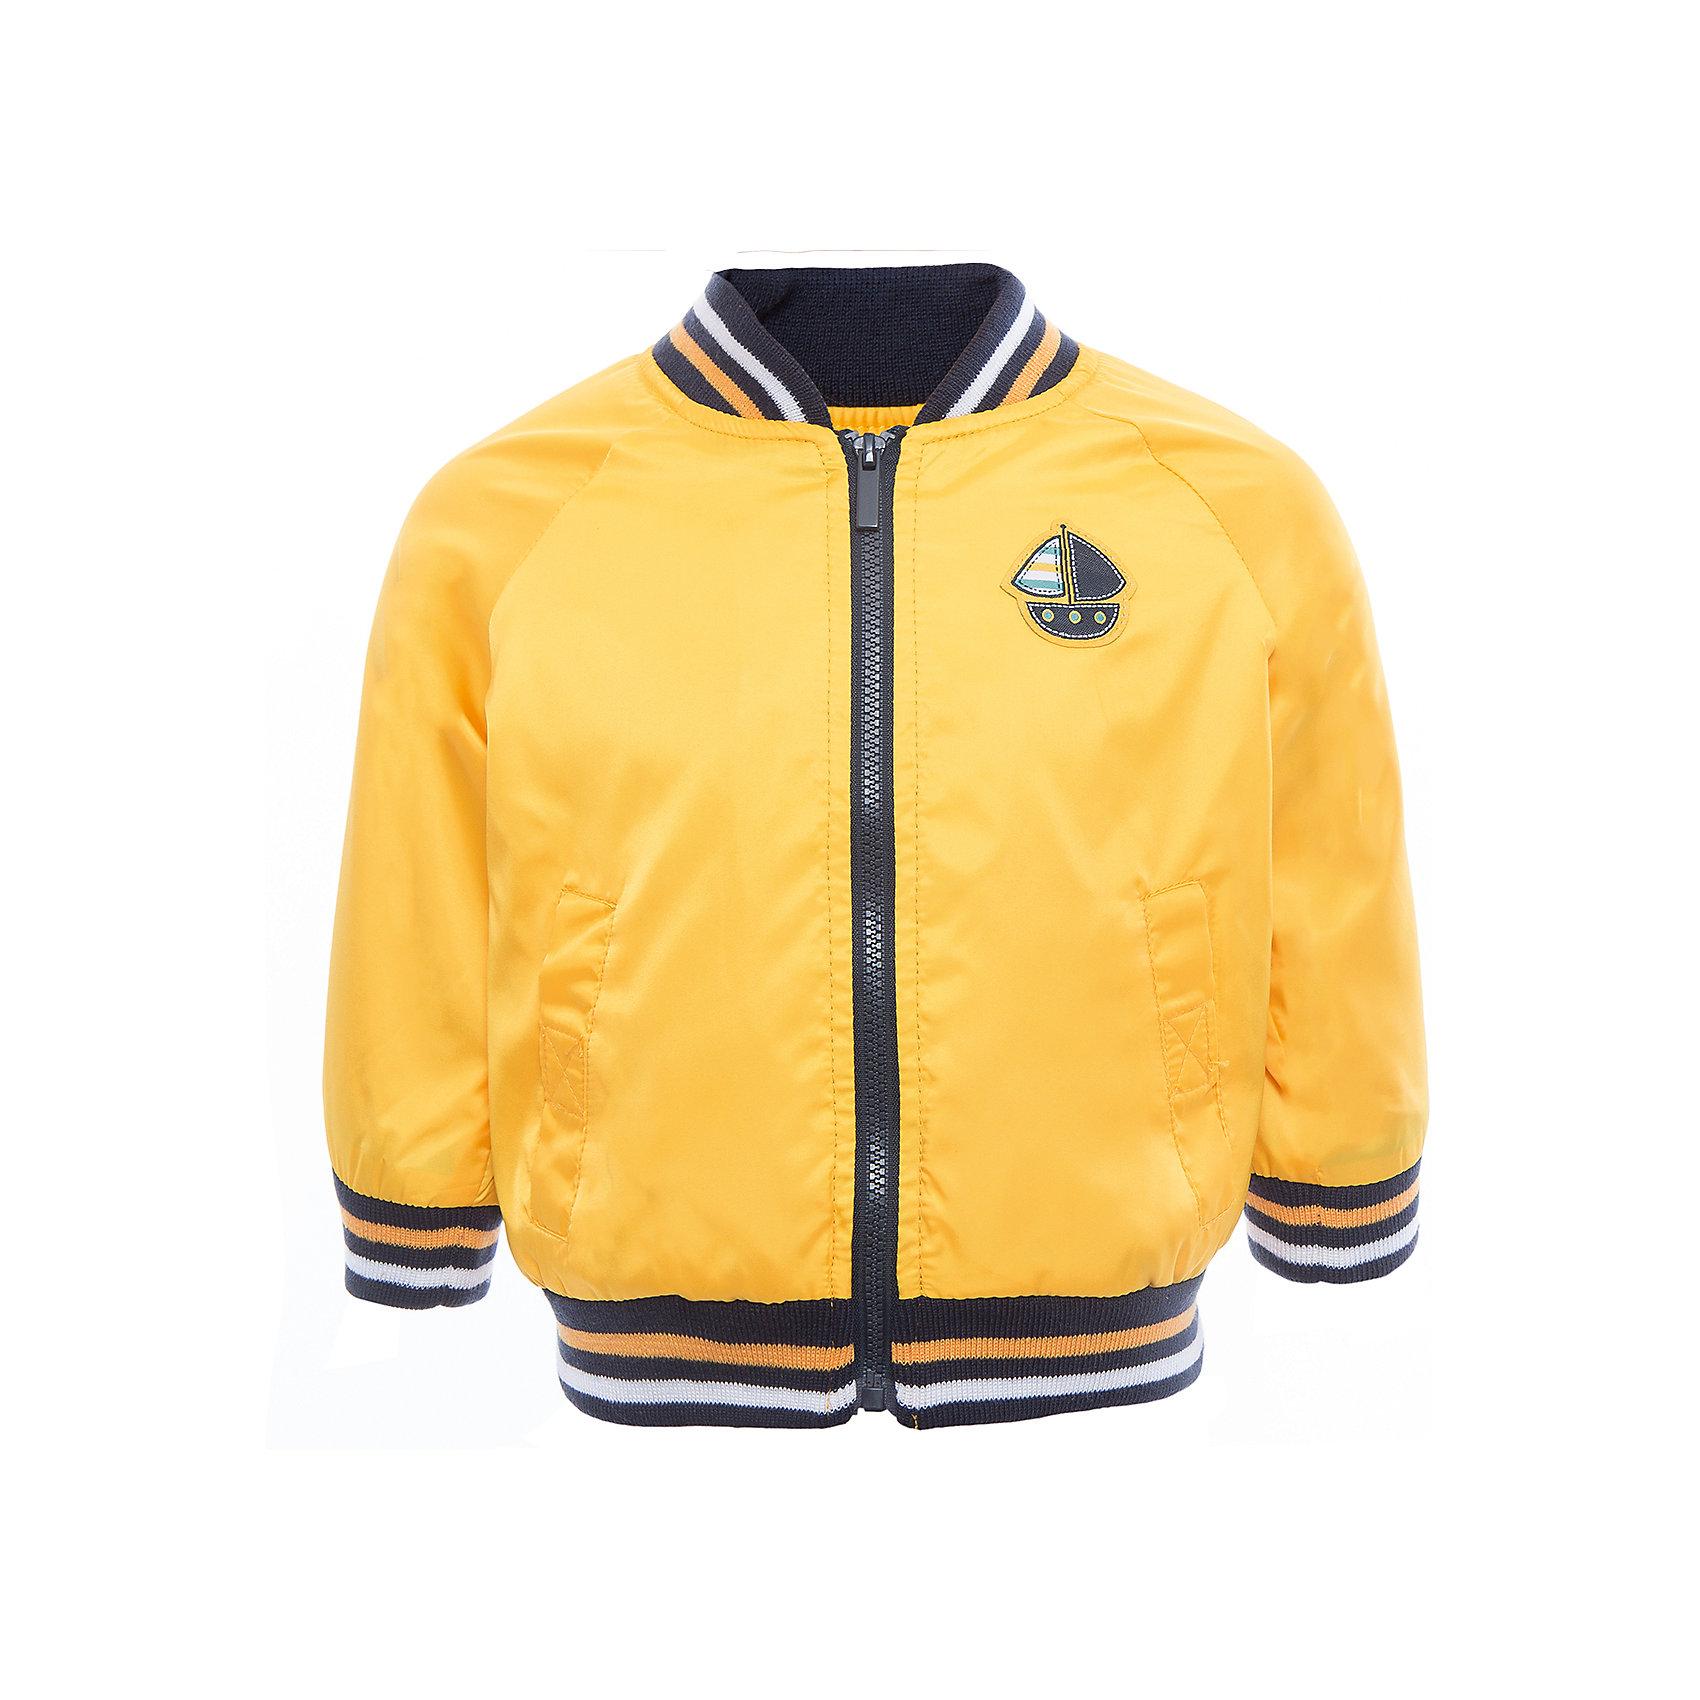 Куртка для мальчика PlayTodayВерхняя одежда<br>Характеристики товара:<br><br>• цвет: желтый<br>• состав: 100% полиэстер, подкладка: 65% полиэстер, 35% хлопок<br>• декорирована аппликацией<br>• с водоотталкивающей пропиткой<br>• мягкие манжеты<br>• карманы<br>• температурный режим: от +10° до +20° С<br>• комфортная посадка<br>• коллекция: весна-лето 2017<br>• страна бренда: Германия<br>• страна производства: Китай<br><br>Популярный бренд PlayToday выпустил новую коллекцию! Вещи из неё продолжают радовать покупателей удобством, стильным дизайном и продуманным кроем. Дети носят их с удовольствием. <br>Такая стильная модель обеспечит ребенку комфорт благодаря качественному материалу и продуманному крою. В составе ткани подкладки - натуральный хлопок, который позволяет коже дышать и не вызывает аллергии.<br>PlayToday - это линейка товаров, созданная специально для детей. Дизайнеры учитывают новые веяния моды и потребности детей. Порадуйте ребенка обновкой от проверенного производителя!<br><br>Куртку для мальчика от известного бренда PlayToday можно купить в нашем интернет-магазине.<br><br>Ширина мм: 356<br>Глубина мм: 10<br>Высота мм: 245<br>Вес г: 519<br>Цвет: белый<br>Возраст от месяцев: 12<br>Возраст до месяцев: 18<br>Пол: Мужской<br>Возраст: Детский<br>Размер: 86,74,92,80<br>SKU: 5604520